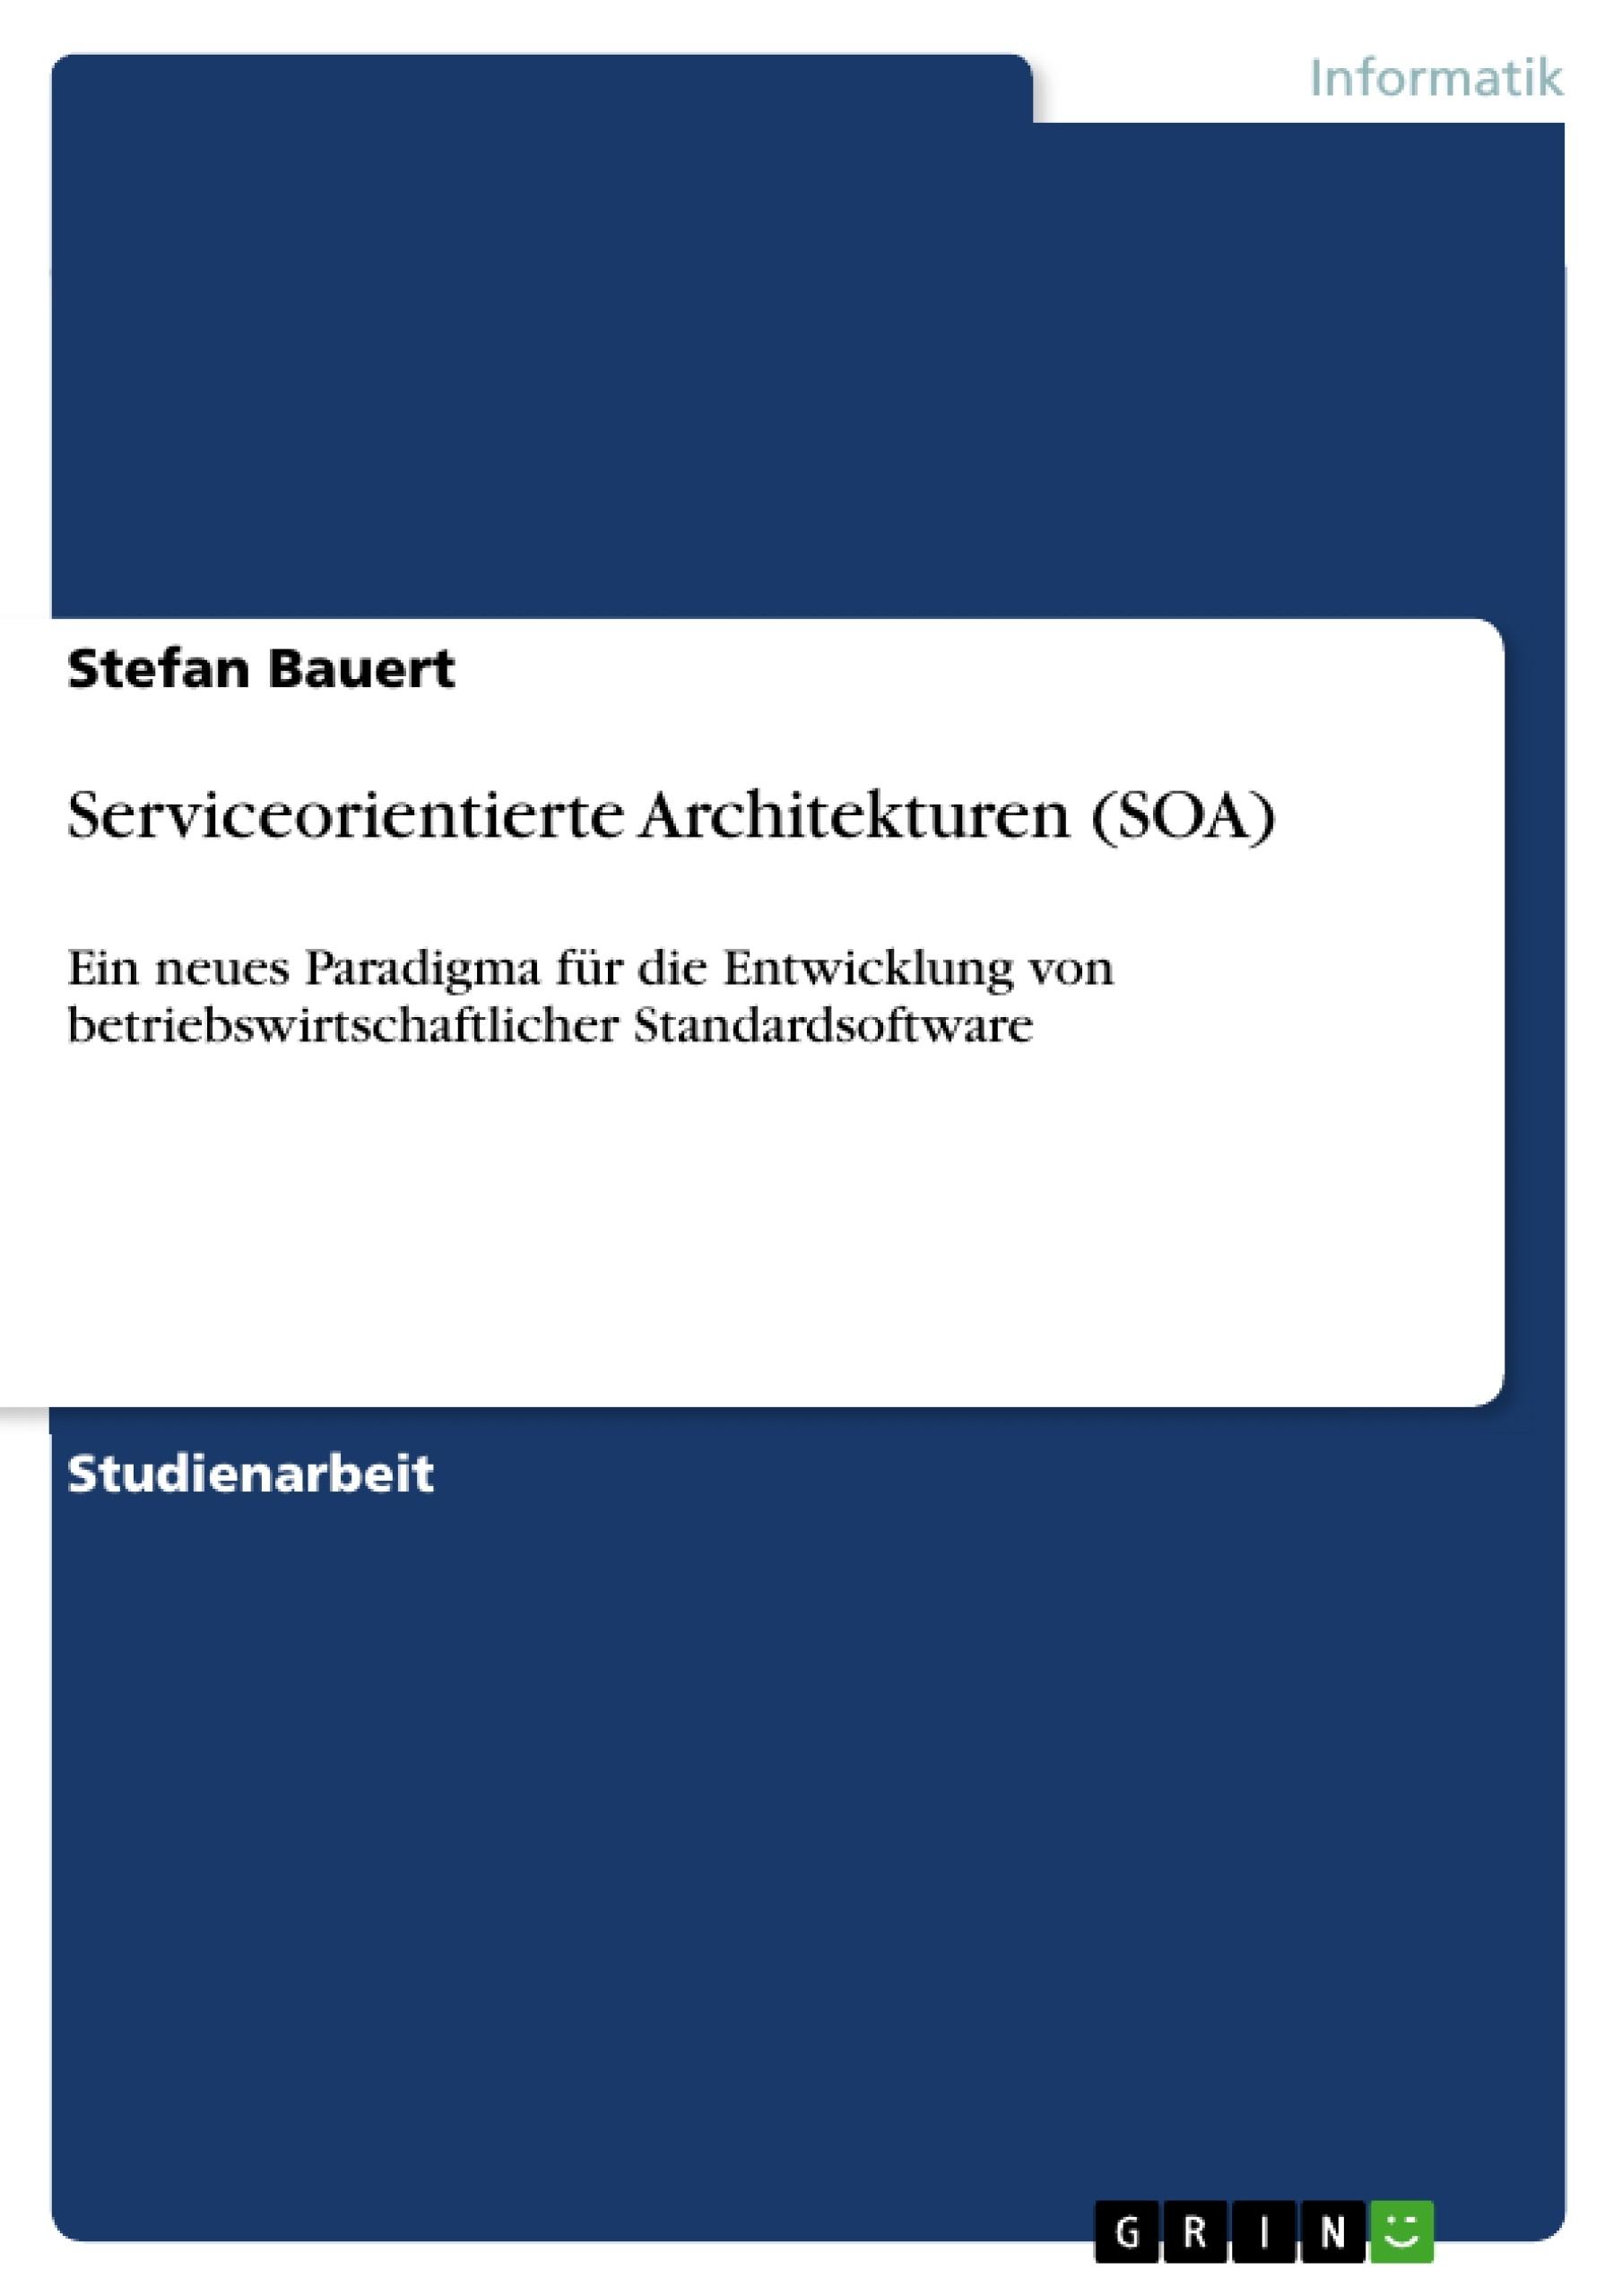 Titel: Serviceorientierte Architekturen (SOA)